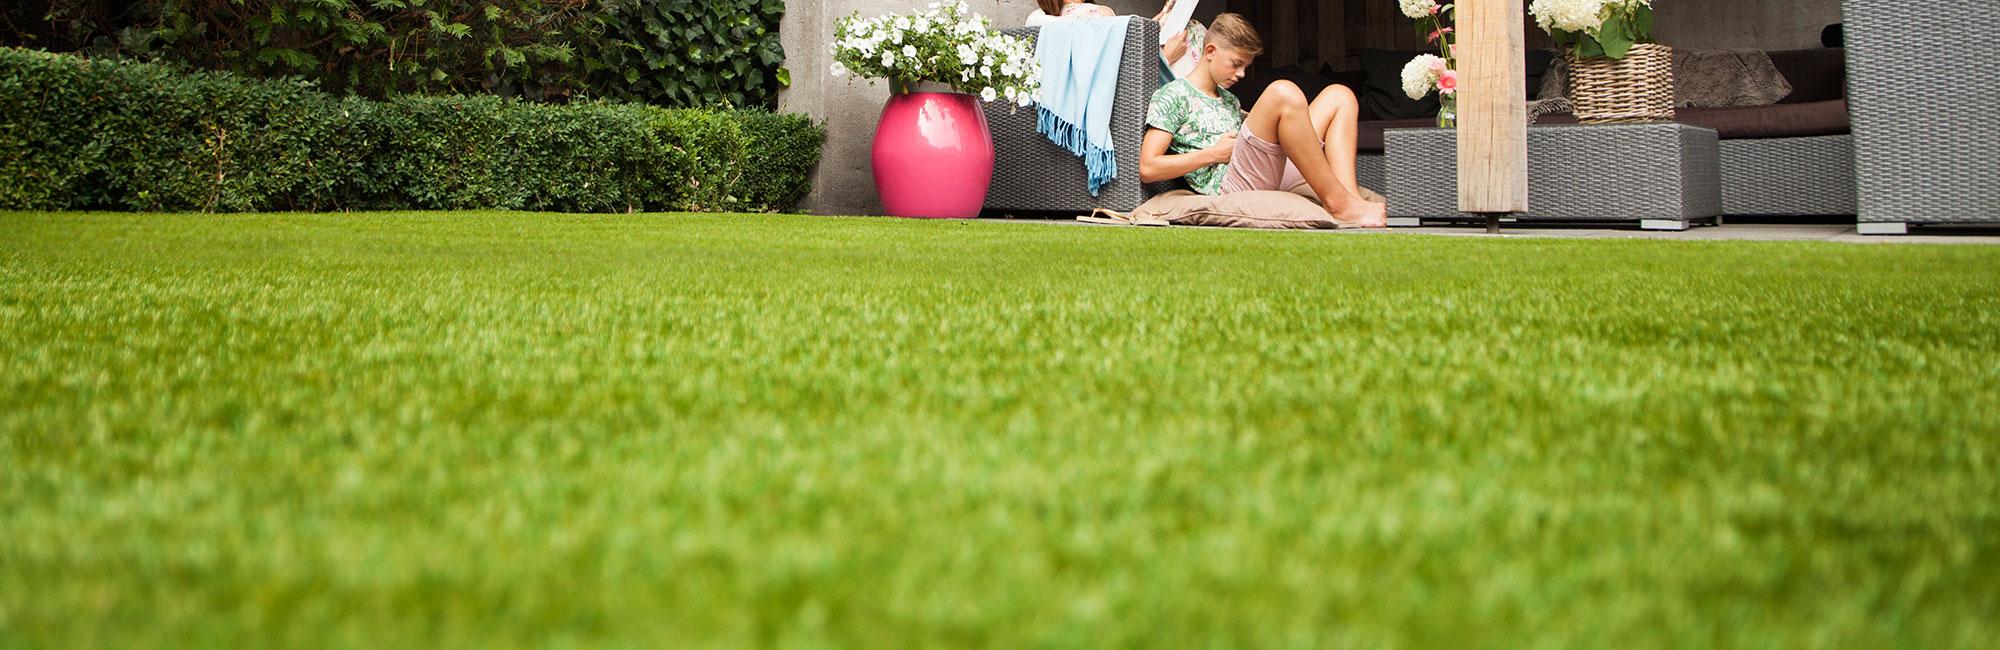 Dirbtinės žolės danga, namo aplinka